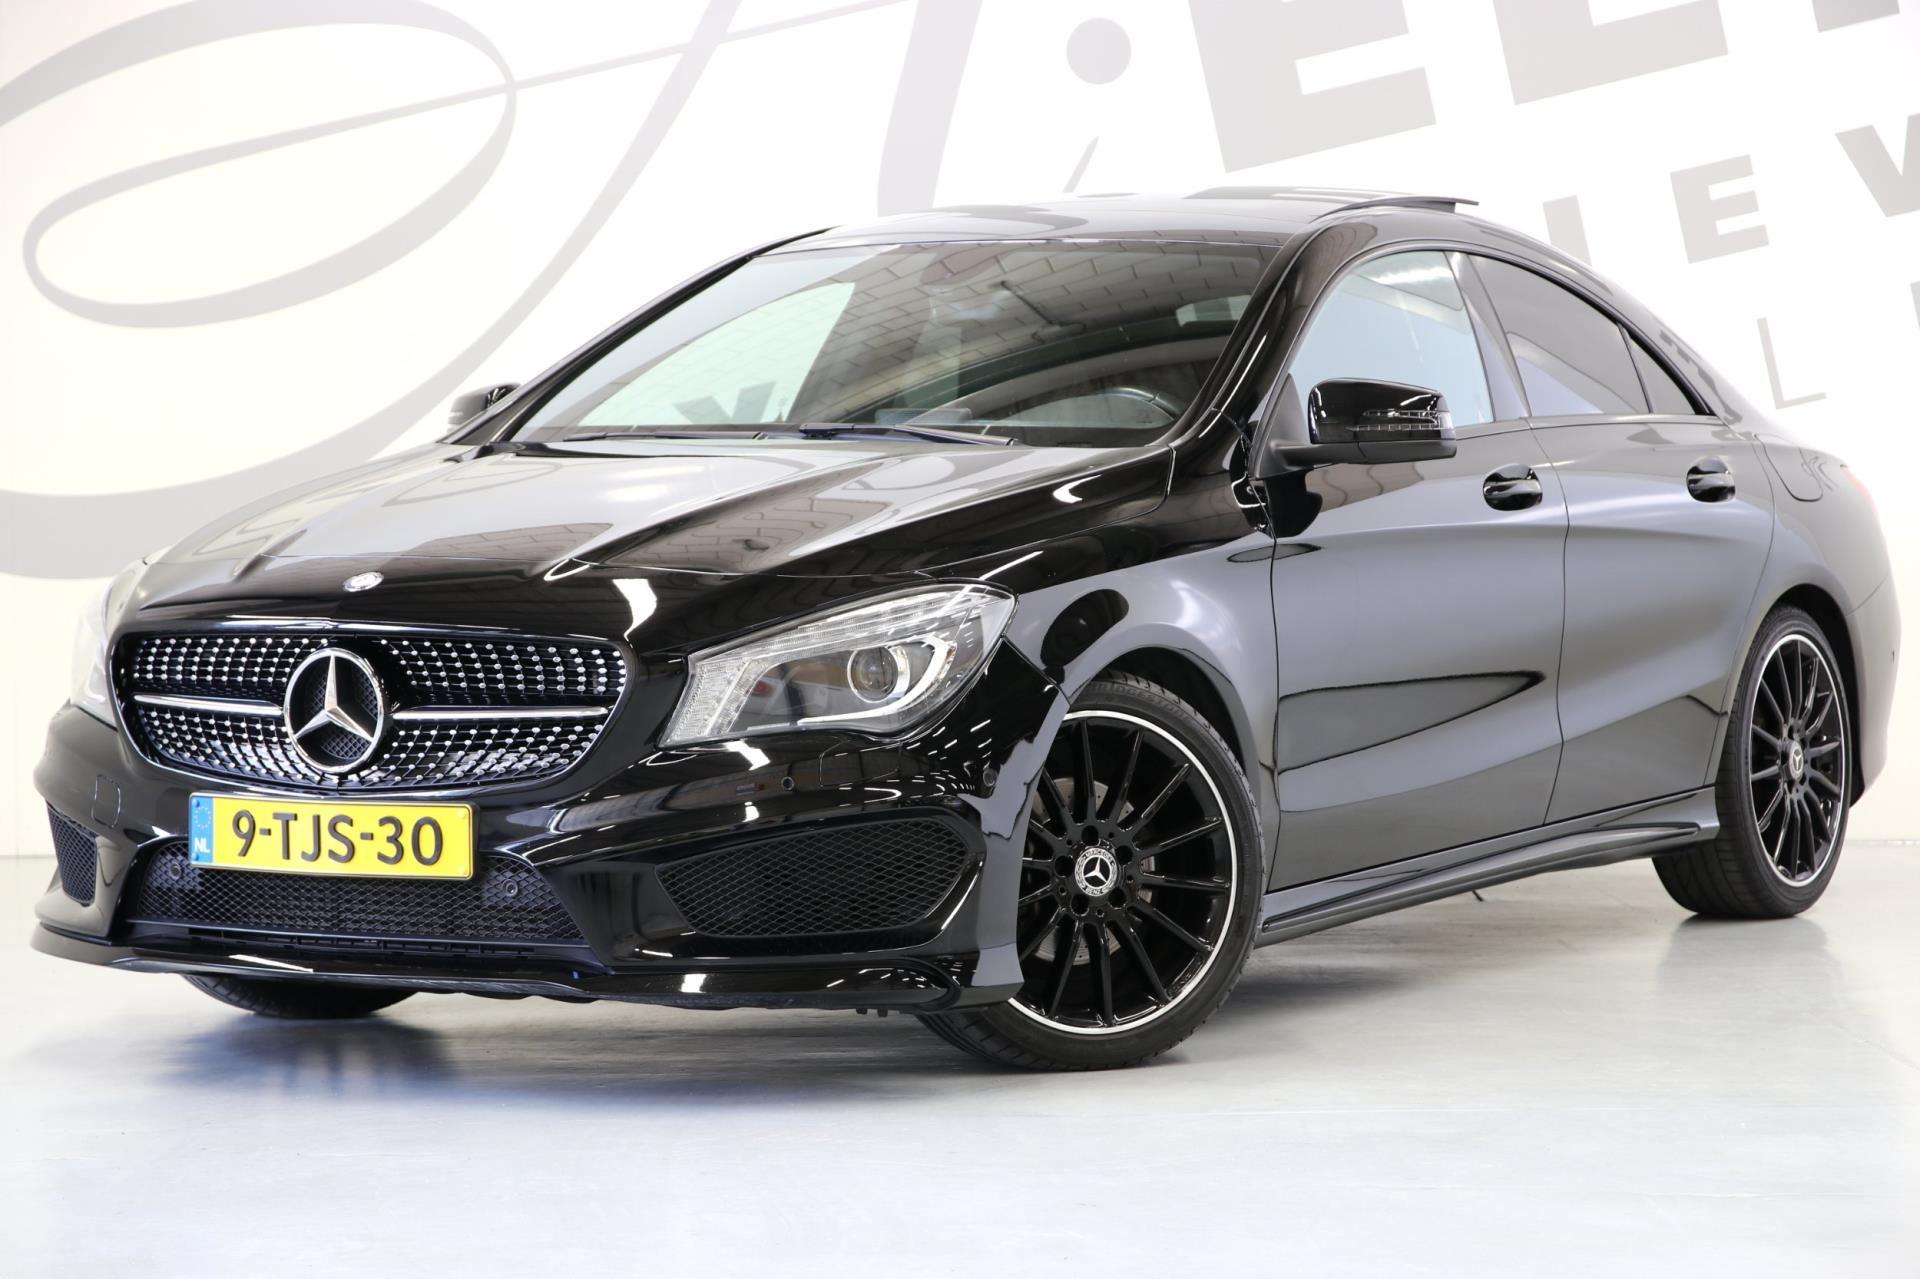 Mercedes-Benz CLA-klasse occasion - Aeen Exclusieve Automobielen